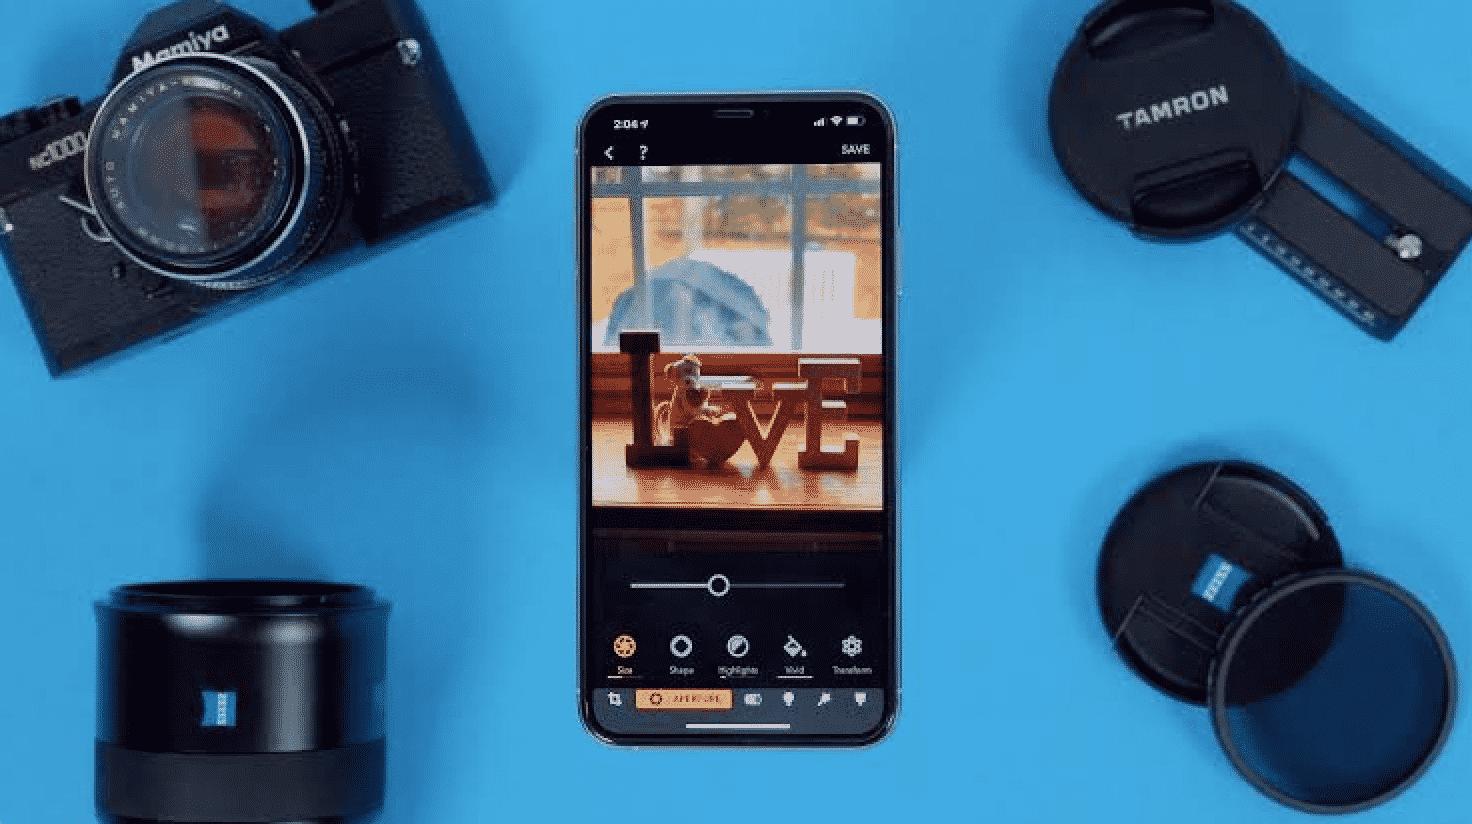 10 Best Websites For Camera Comparison